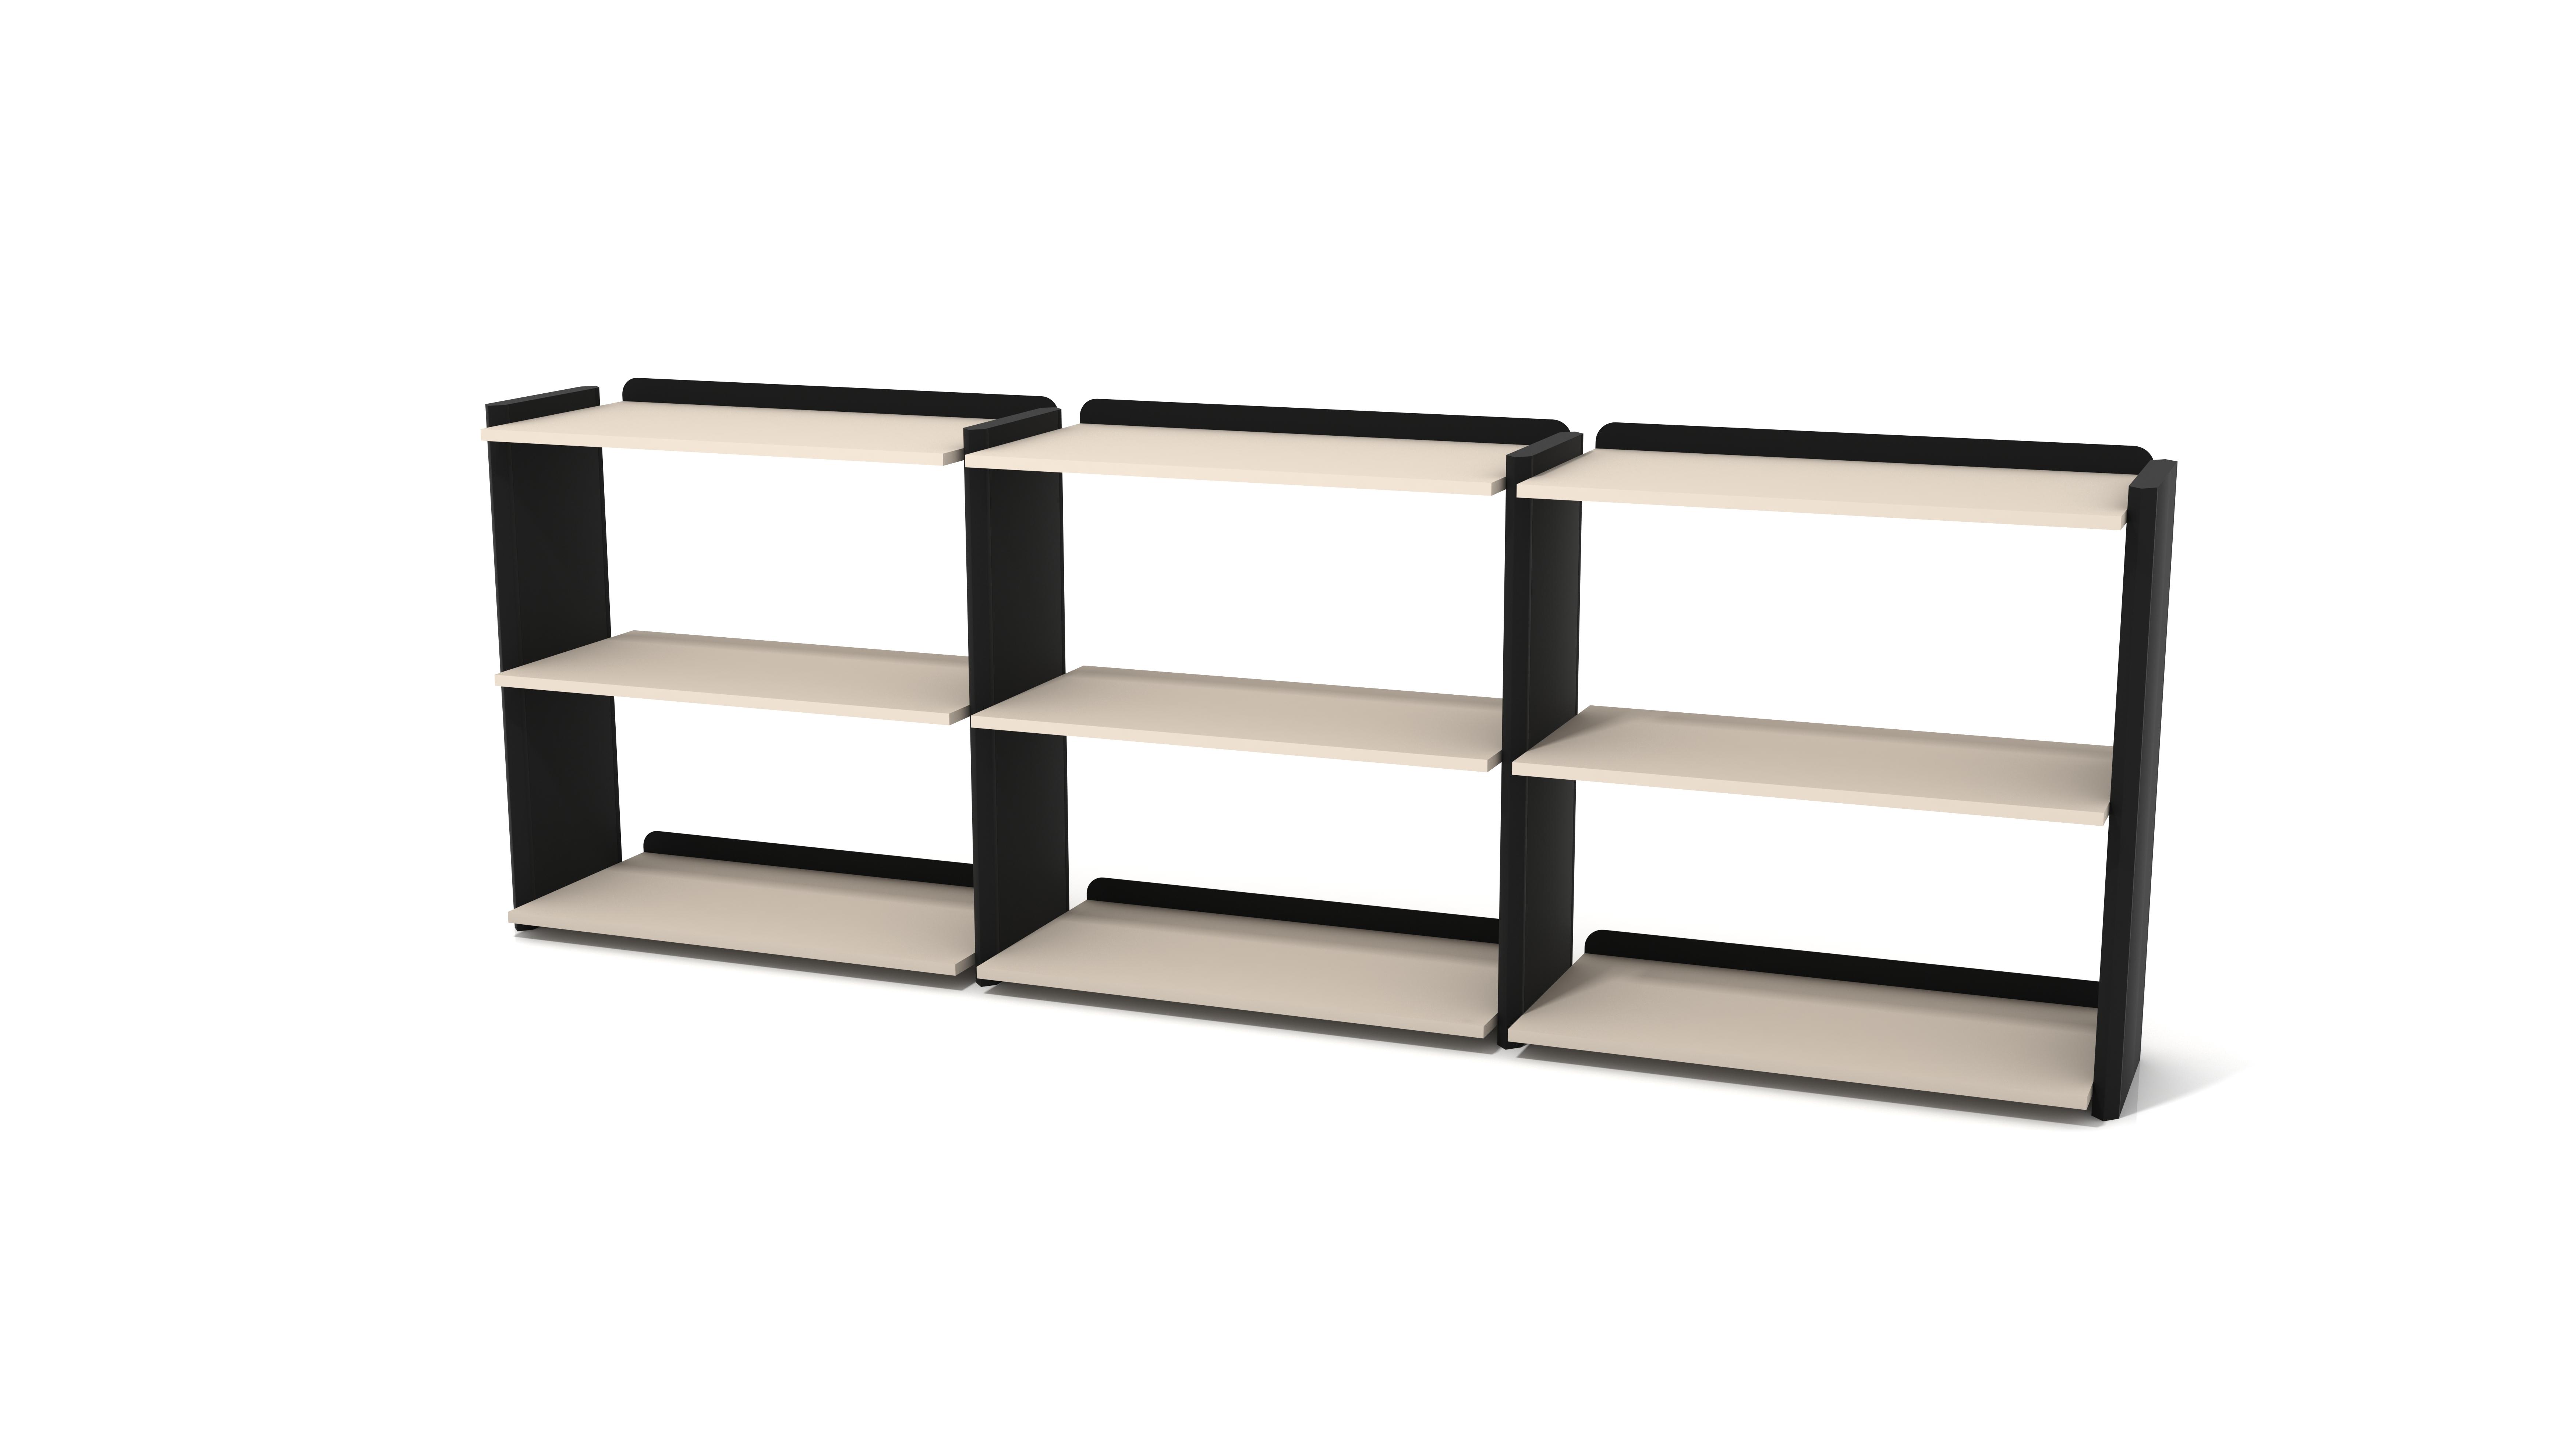 Ovali Bücherregal 6-Fächer Prime Schwarz Creme